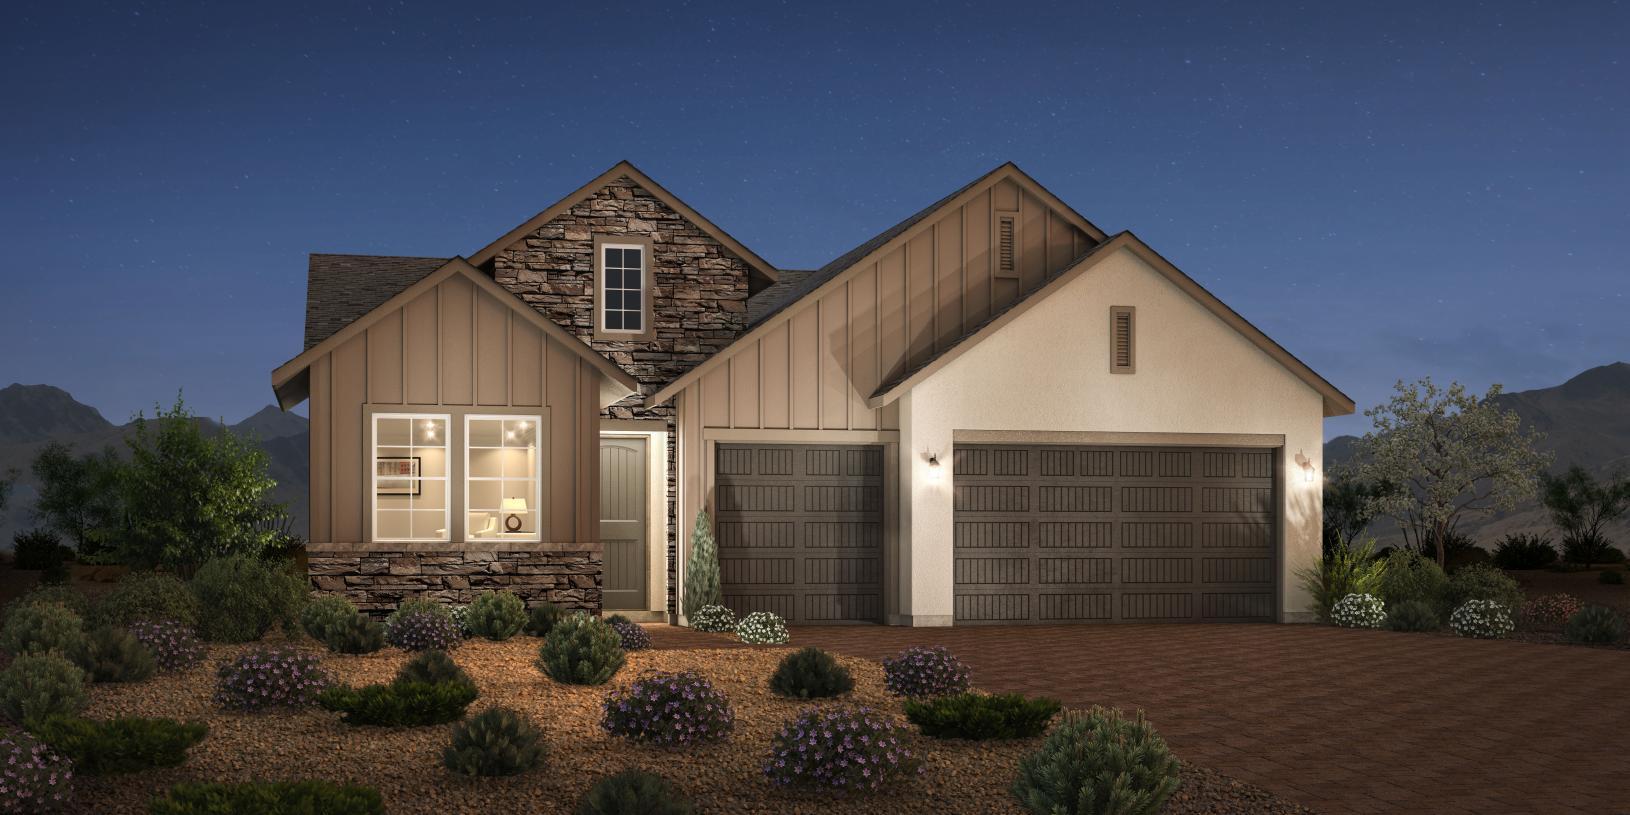 Pierce - Modern Farmhouse